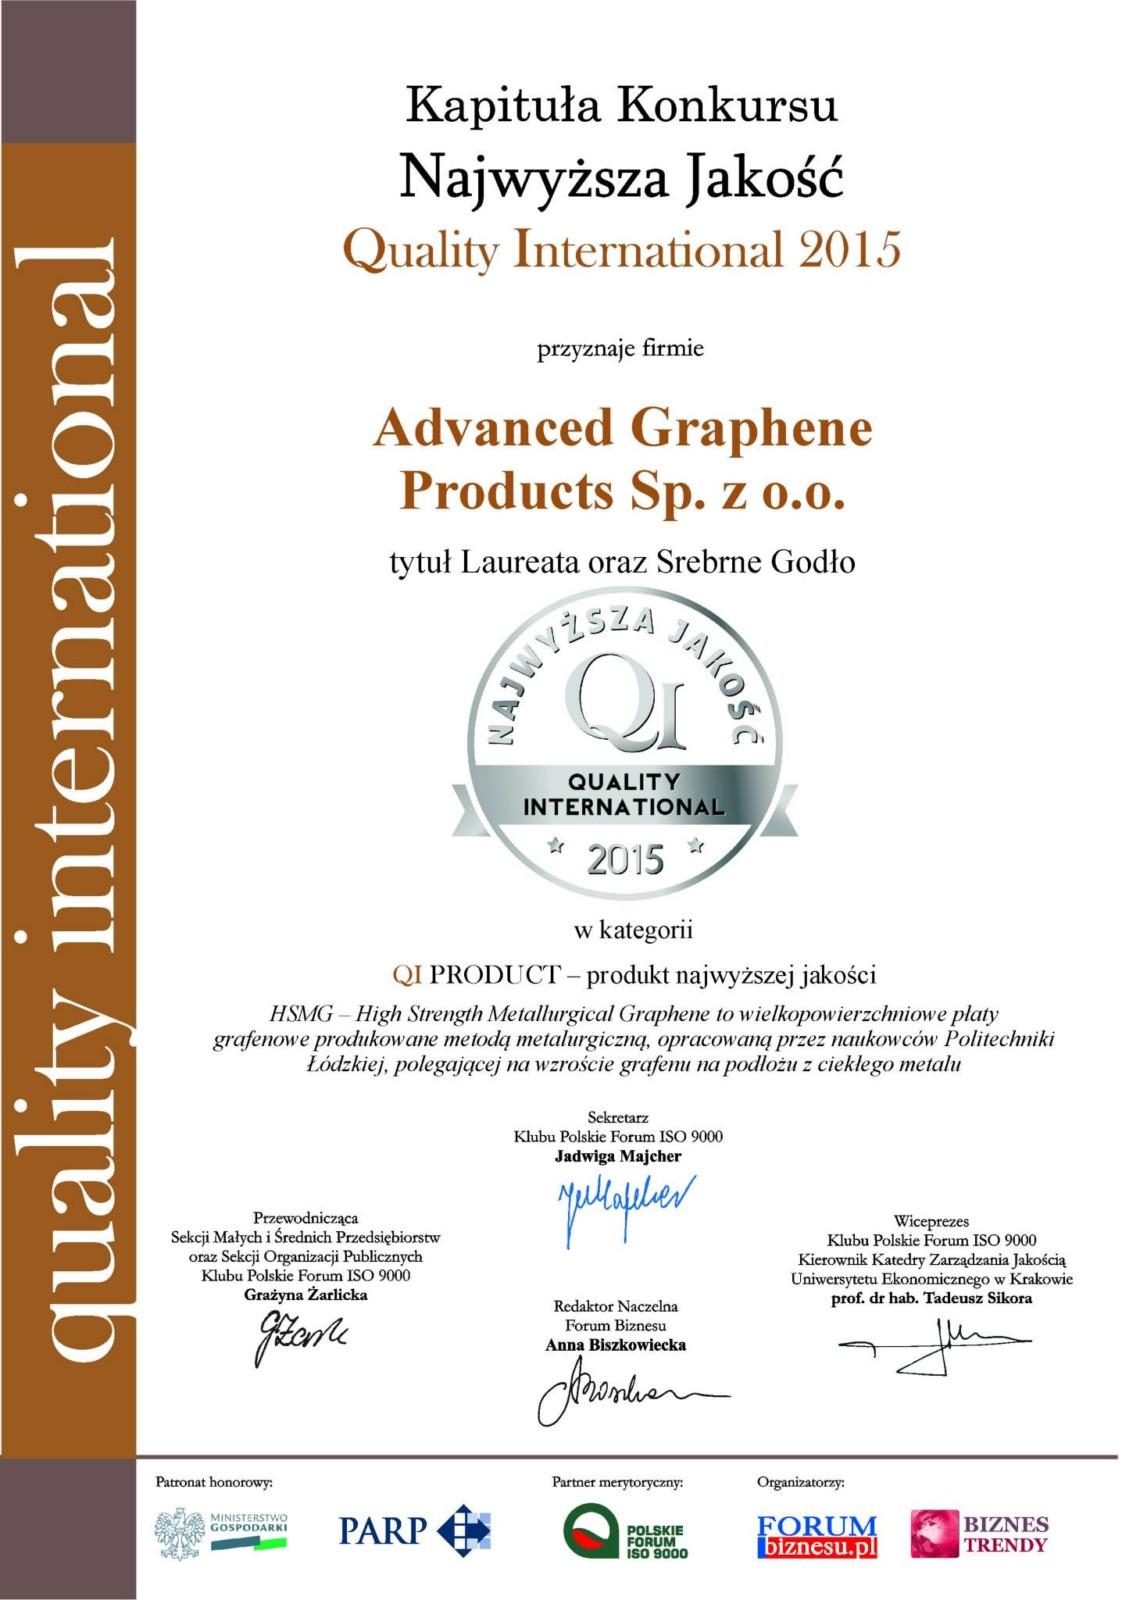 QI2015 Certificate